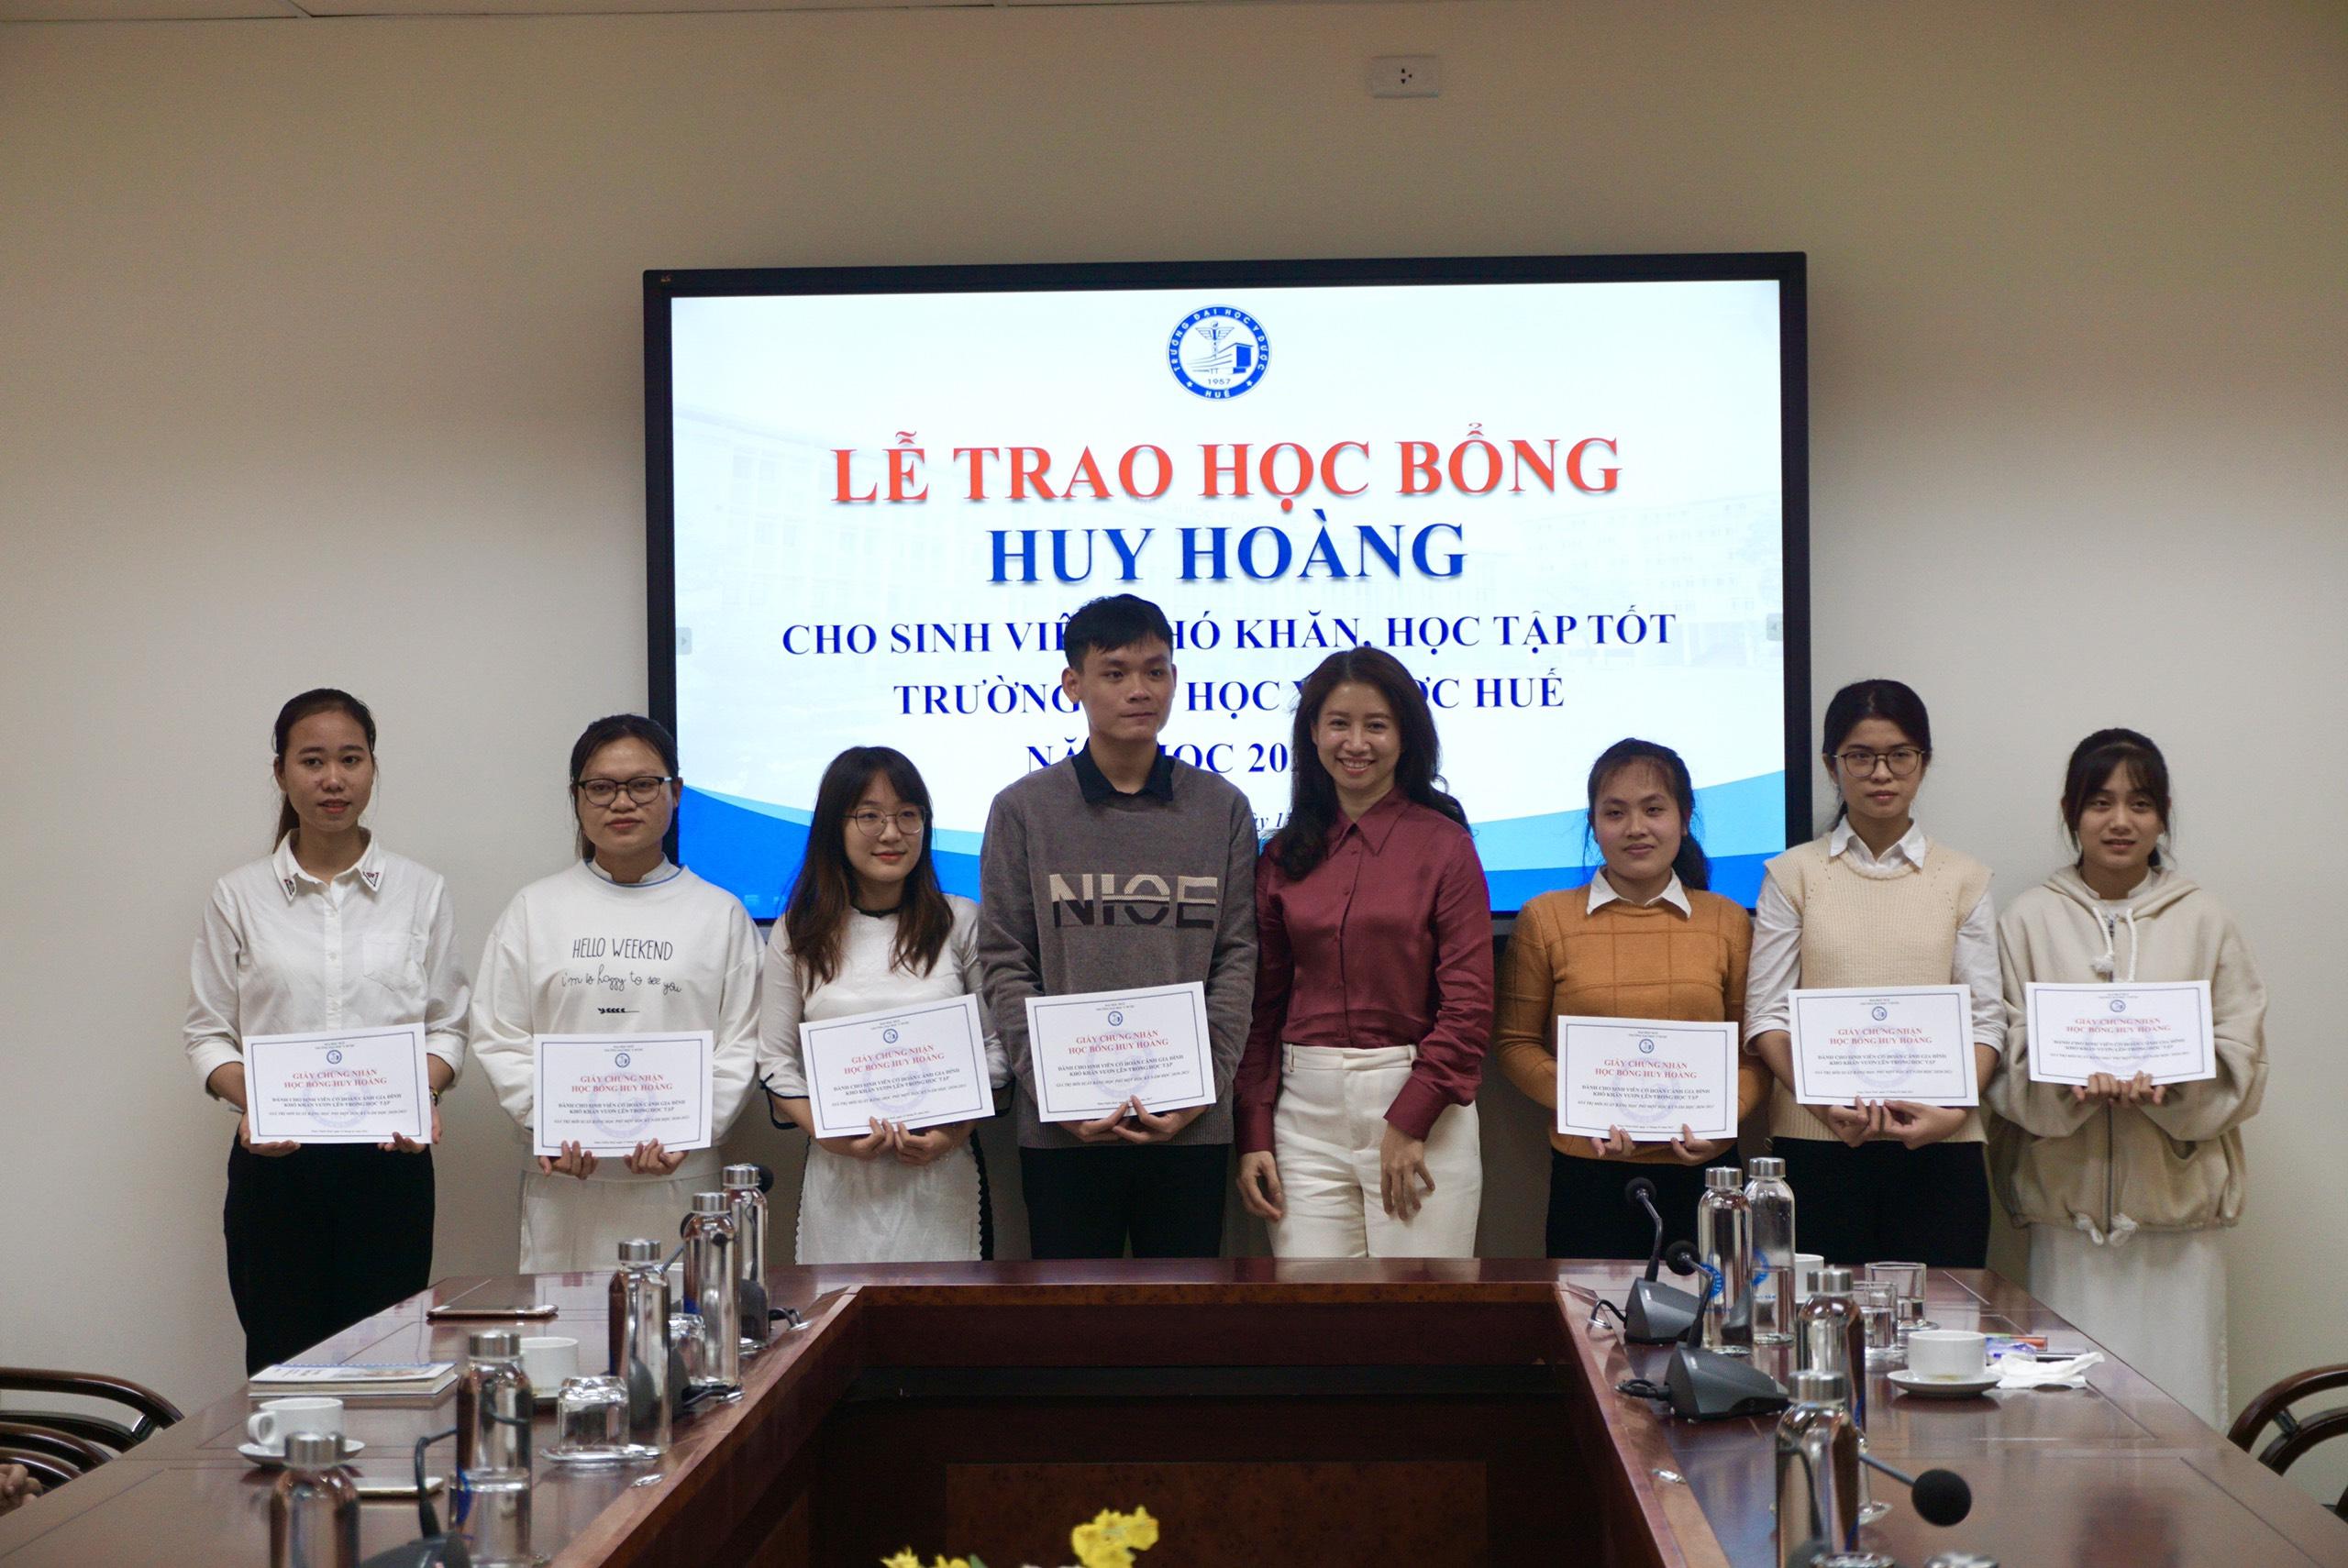 Học bổng Huy Hoàng được trao cho 15 sinh viên Trường Đại học Y – Dược Huế